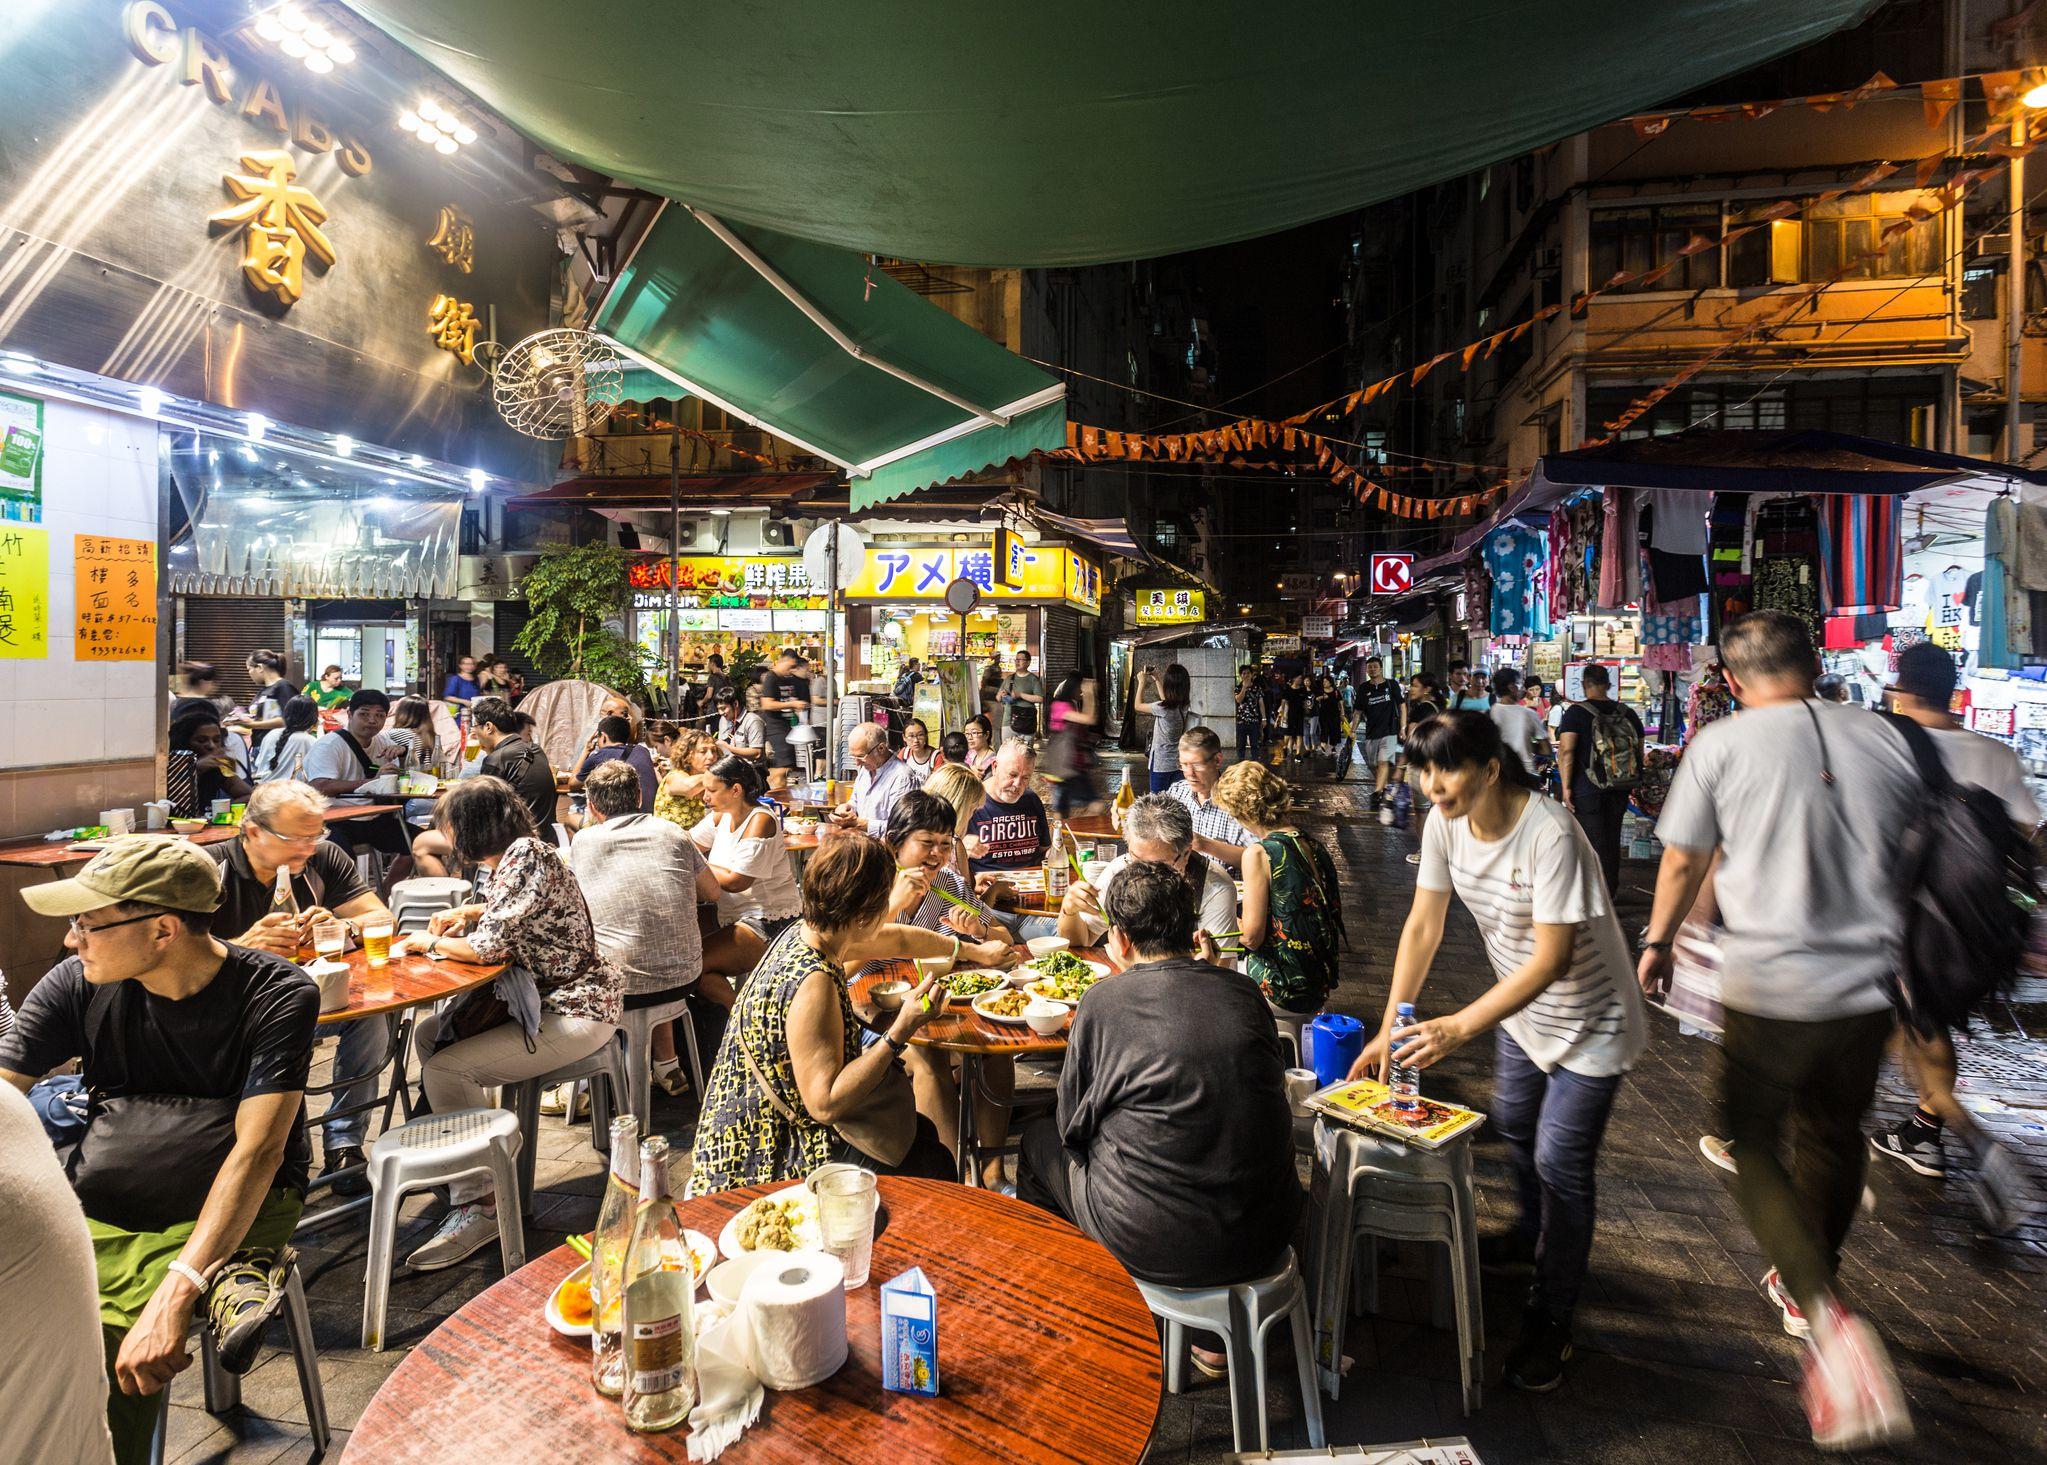 Street food scene in Hong Kong